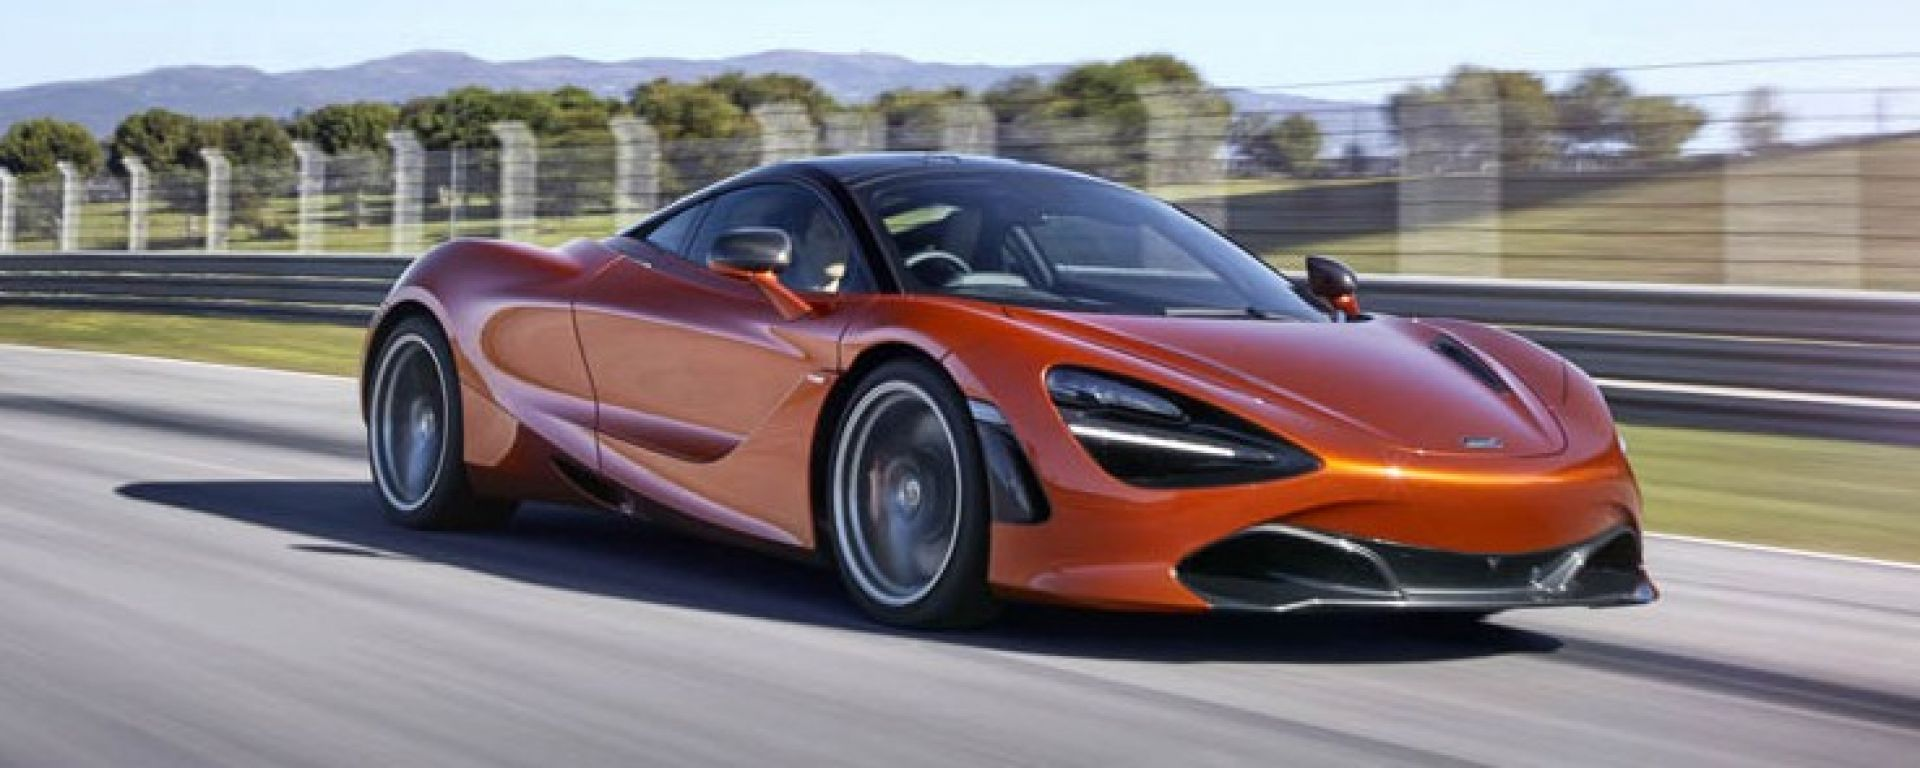 Guarda mamma senza...patente: 19enne schianta McLaren 720S